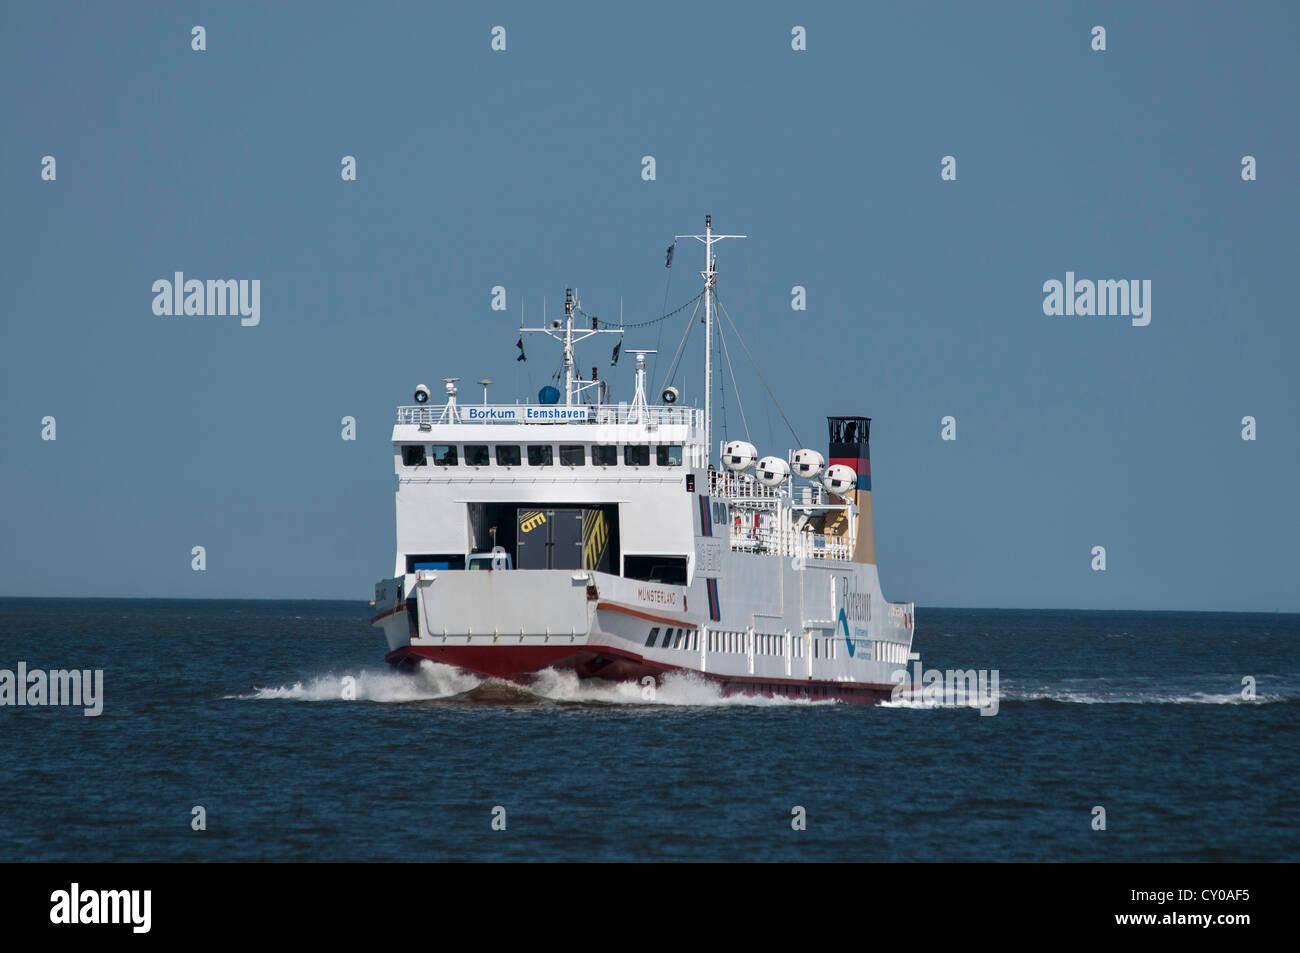 'Muensterland' ferry to the island of Borkum, of Ems AG, route Borkum-Emden - Stock Image